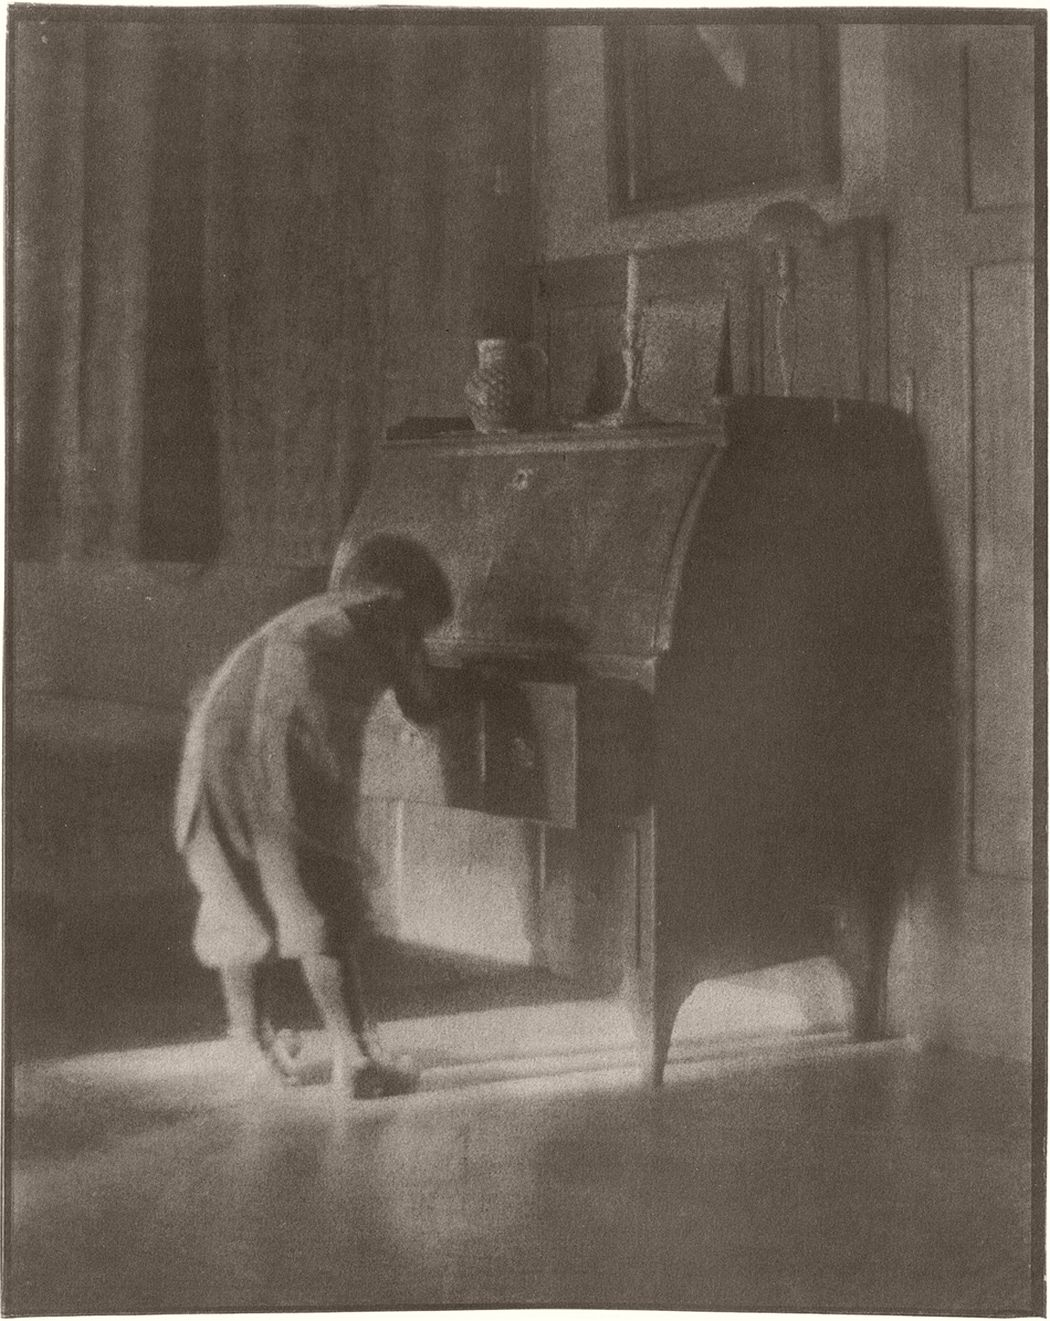 Heinrich Kûhn, Hans with Bureau, 1905